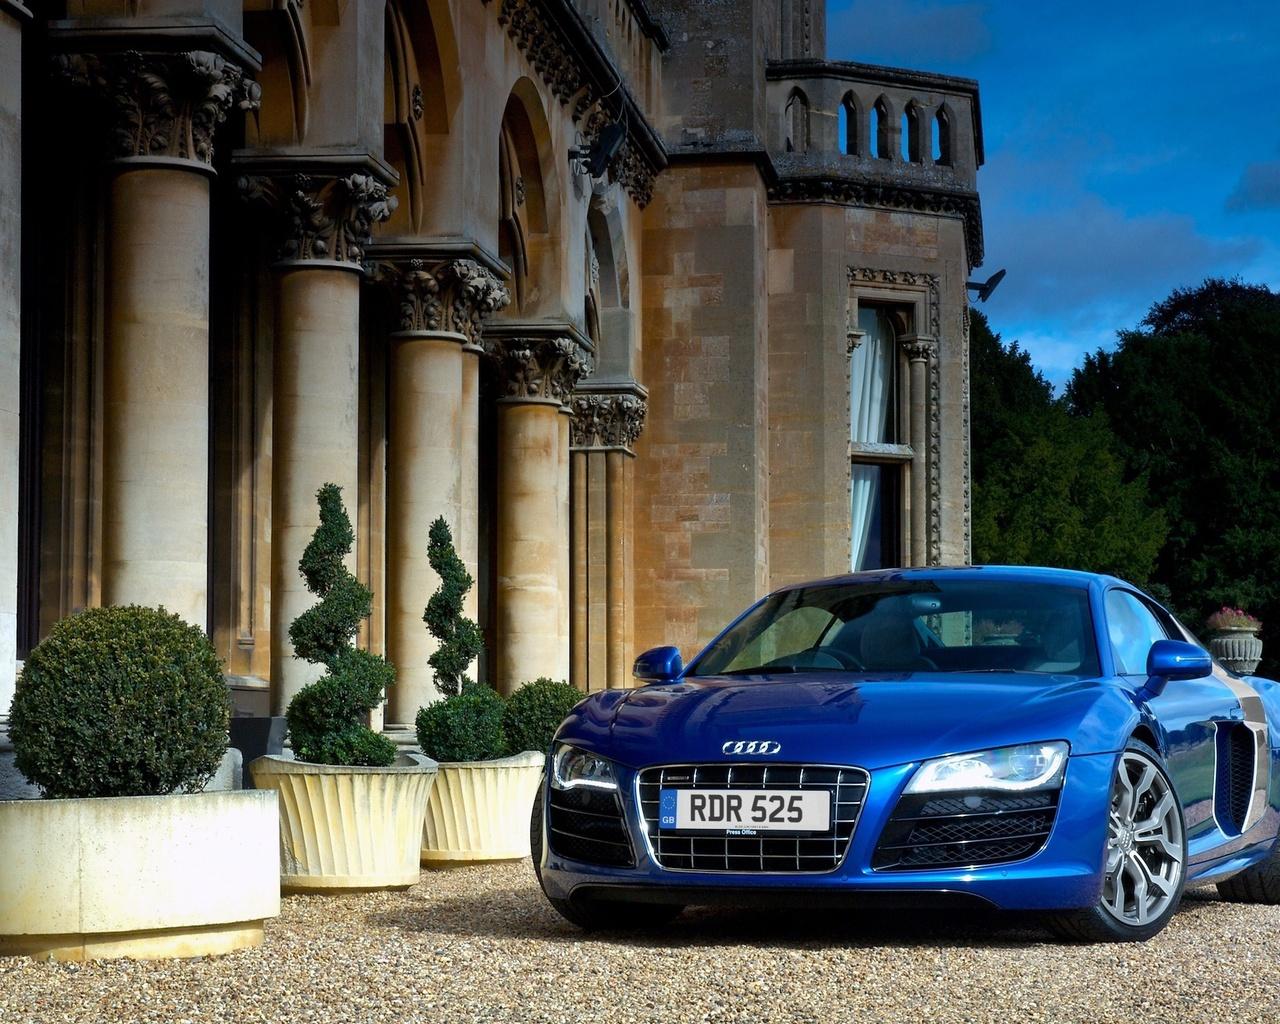 audi r8 v10 carro azul casa carros grandes 1280x1024 Imagens HD 1280x1024